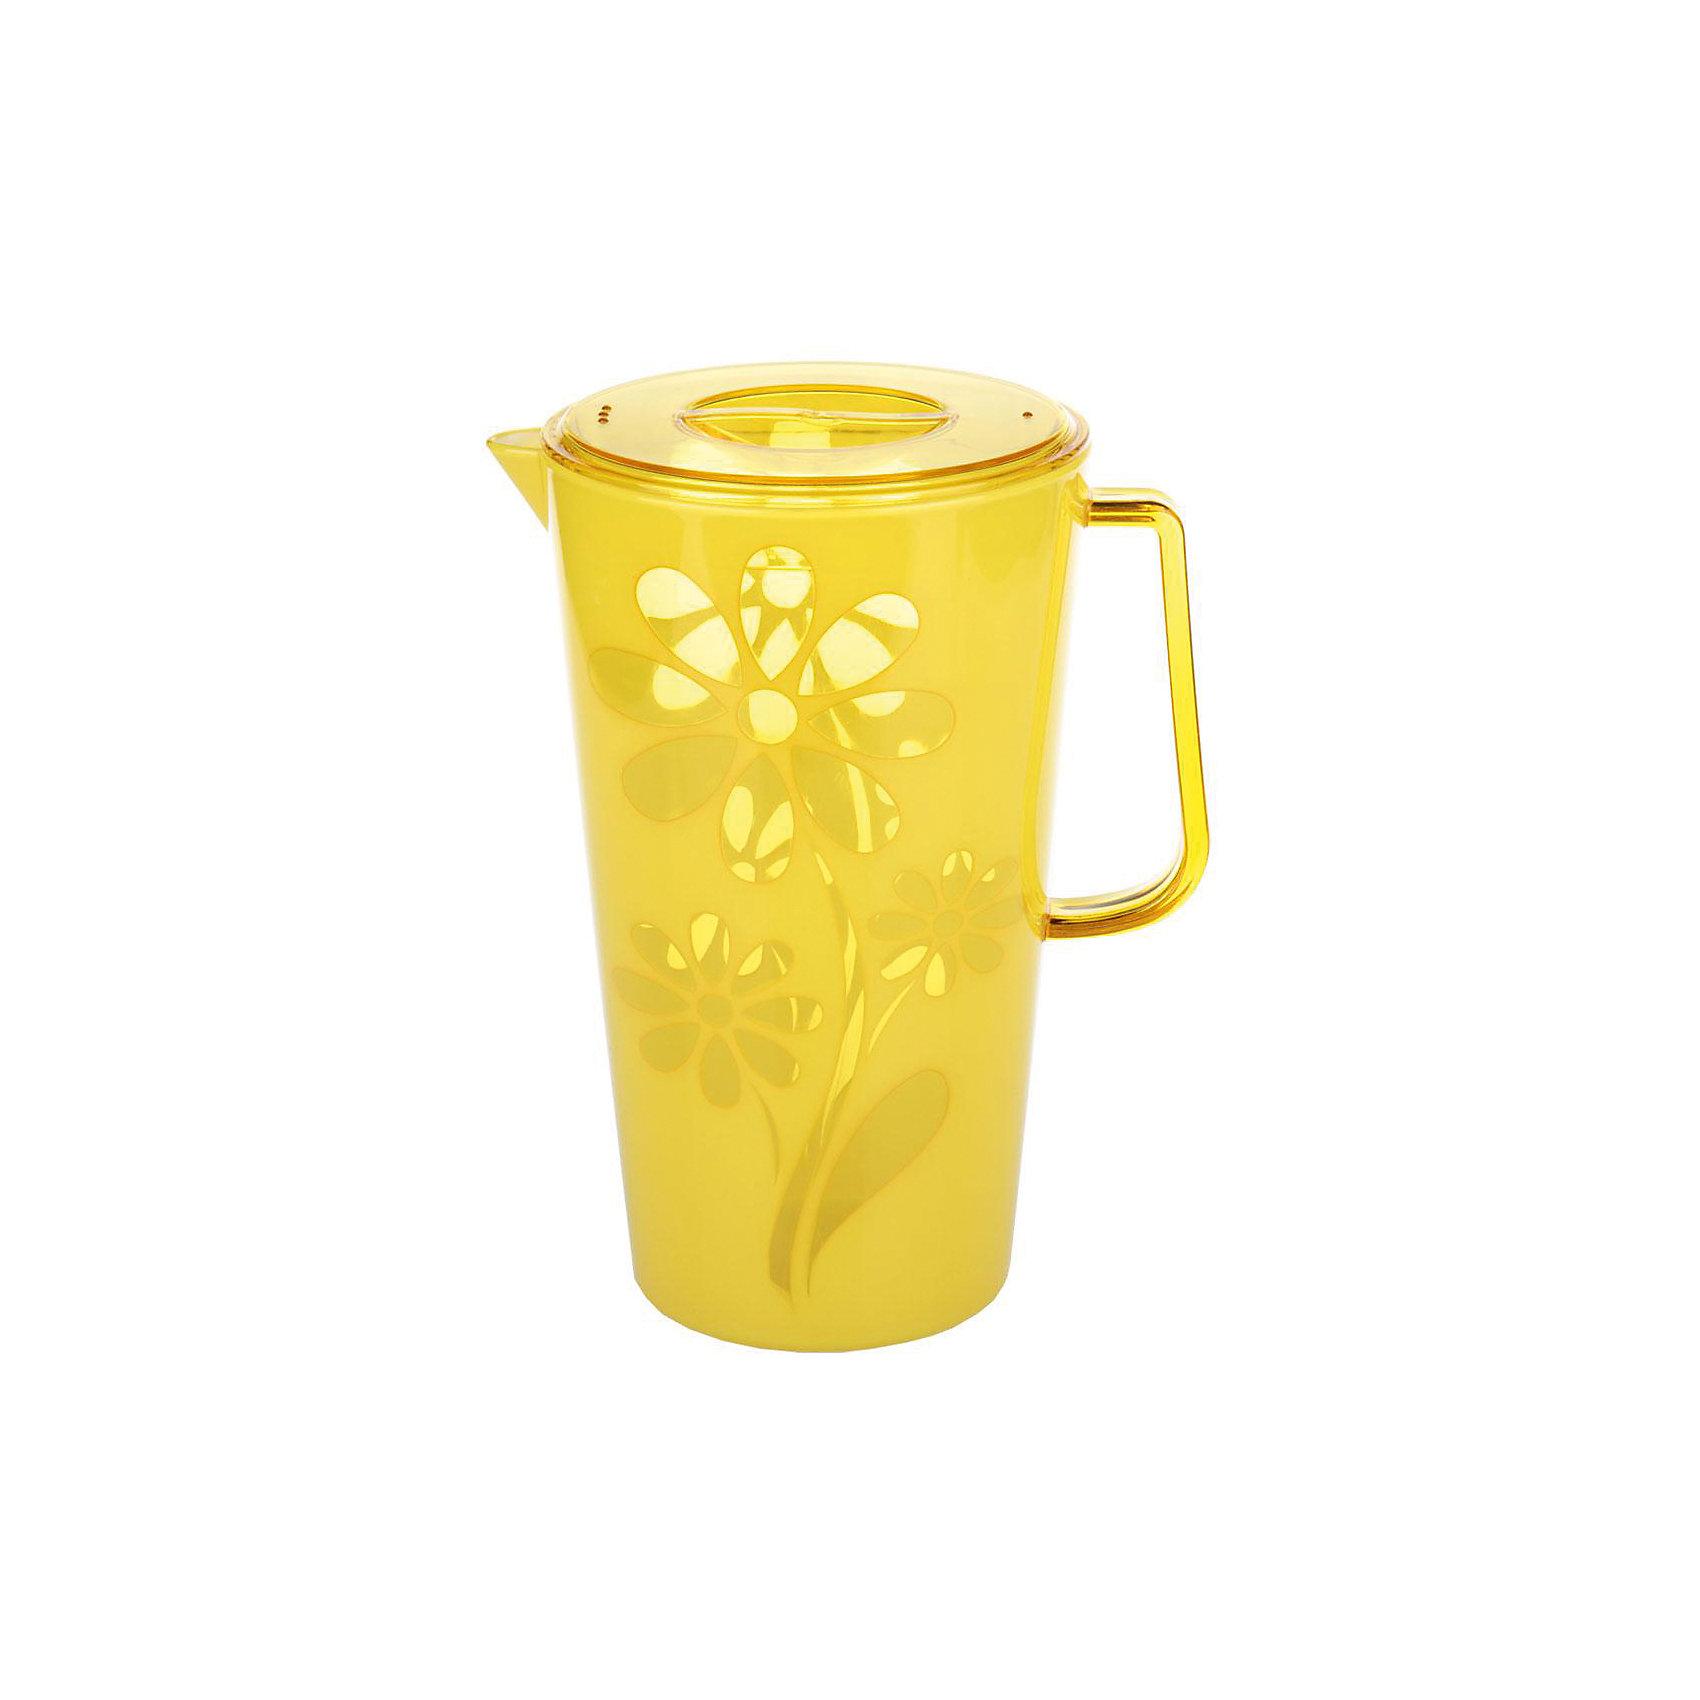 Кувшин Соблазн 2,5л. с крышкой , Alternativa, жёлтыйПосуда<br>Кувшин Соблазн 2,5л с крышкой , Alternativa, жёлтый предназначен для различных напитков. Лн имеет удобную форму ручки и специальный носик, для слива жидкости. Крышка не позволит жидкости разлиться. Яркий цвет с дизайном цветка станет украшением для вашей кухни.<br><br>Дополнительная информация:<br> -Объём: 2,5 л<br> -Цвет: жёлтый<br> -Марка: Alternativa<br><br>Кувшин Соблазн 2,5л с крышкой , Alternativa, жёлтый вы можете приобрести в нашем интернет-магазине.<br><br>Ширина мм: 145<br>Глубина мм: 195<br>Высота мм: 240<br>Вес г: 506<br>Возраст от месяцев: 6<br>Возраст до месяцев: 588<br>Пол: Унисекс<br>Возраст: Детский<br>SKU: 5096640